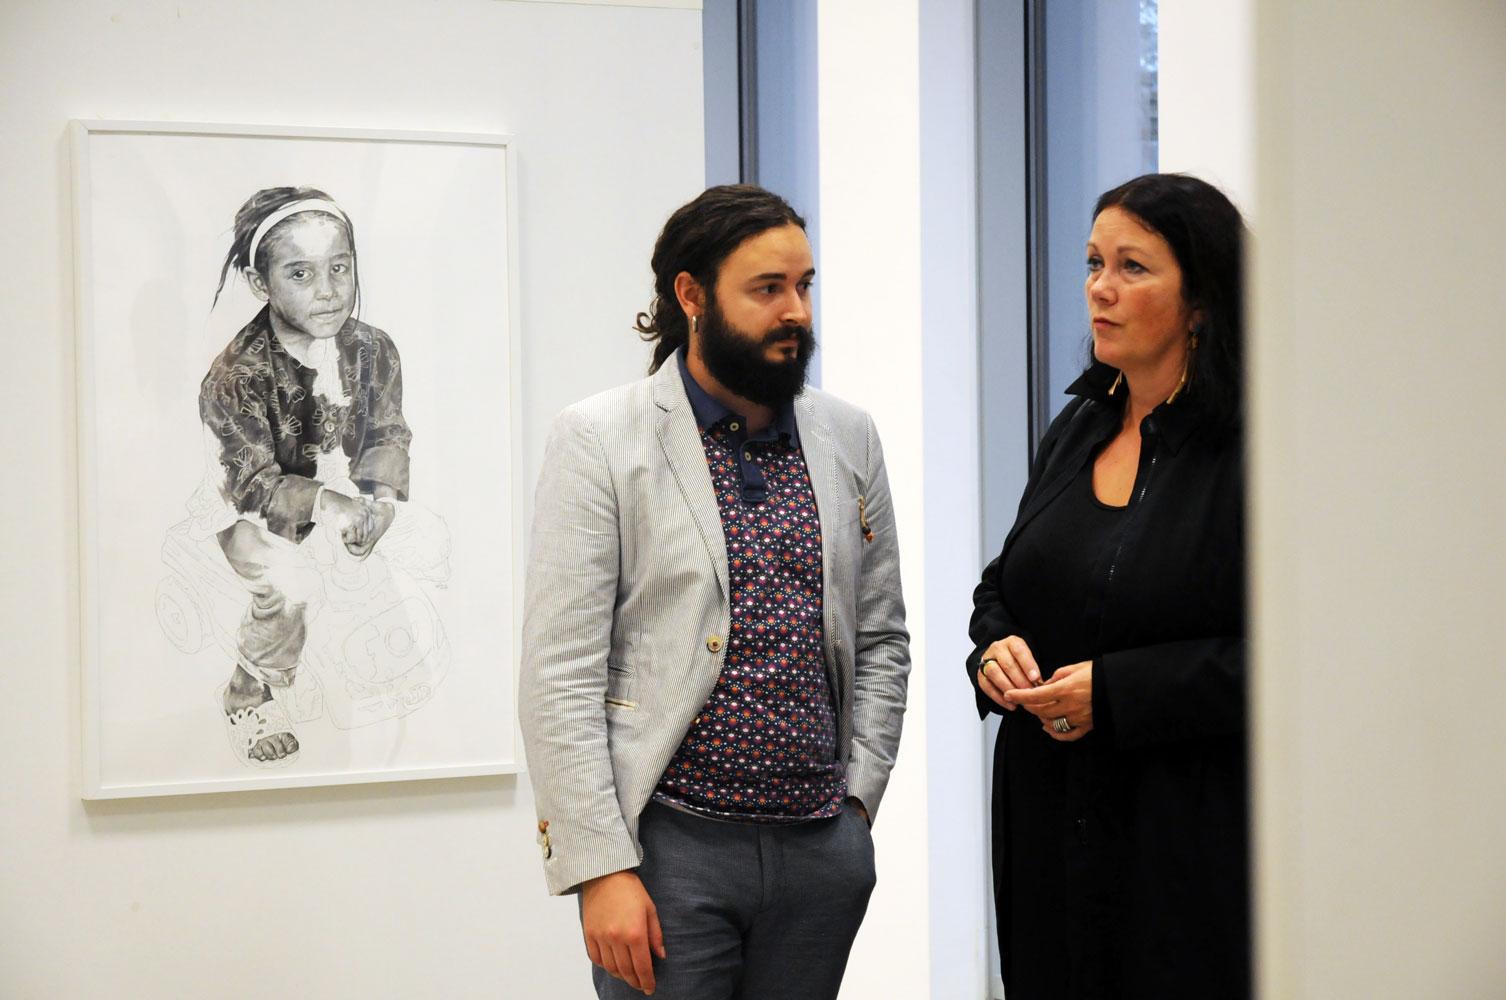 Daniel Brici, solo show Copiii care nu se vad @ Nasui collection & gallery Bucuresti (18)